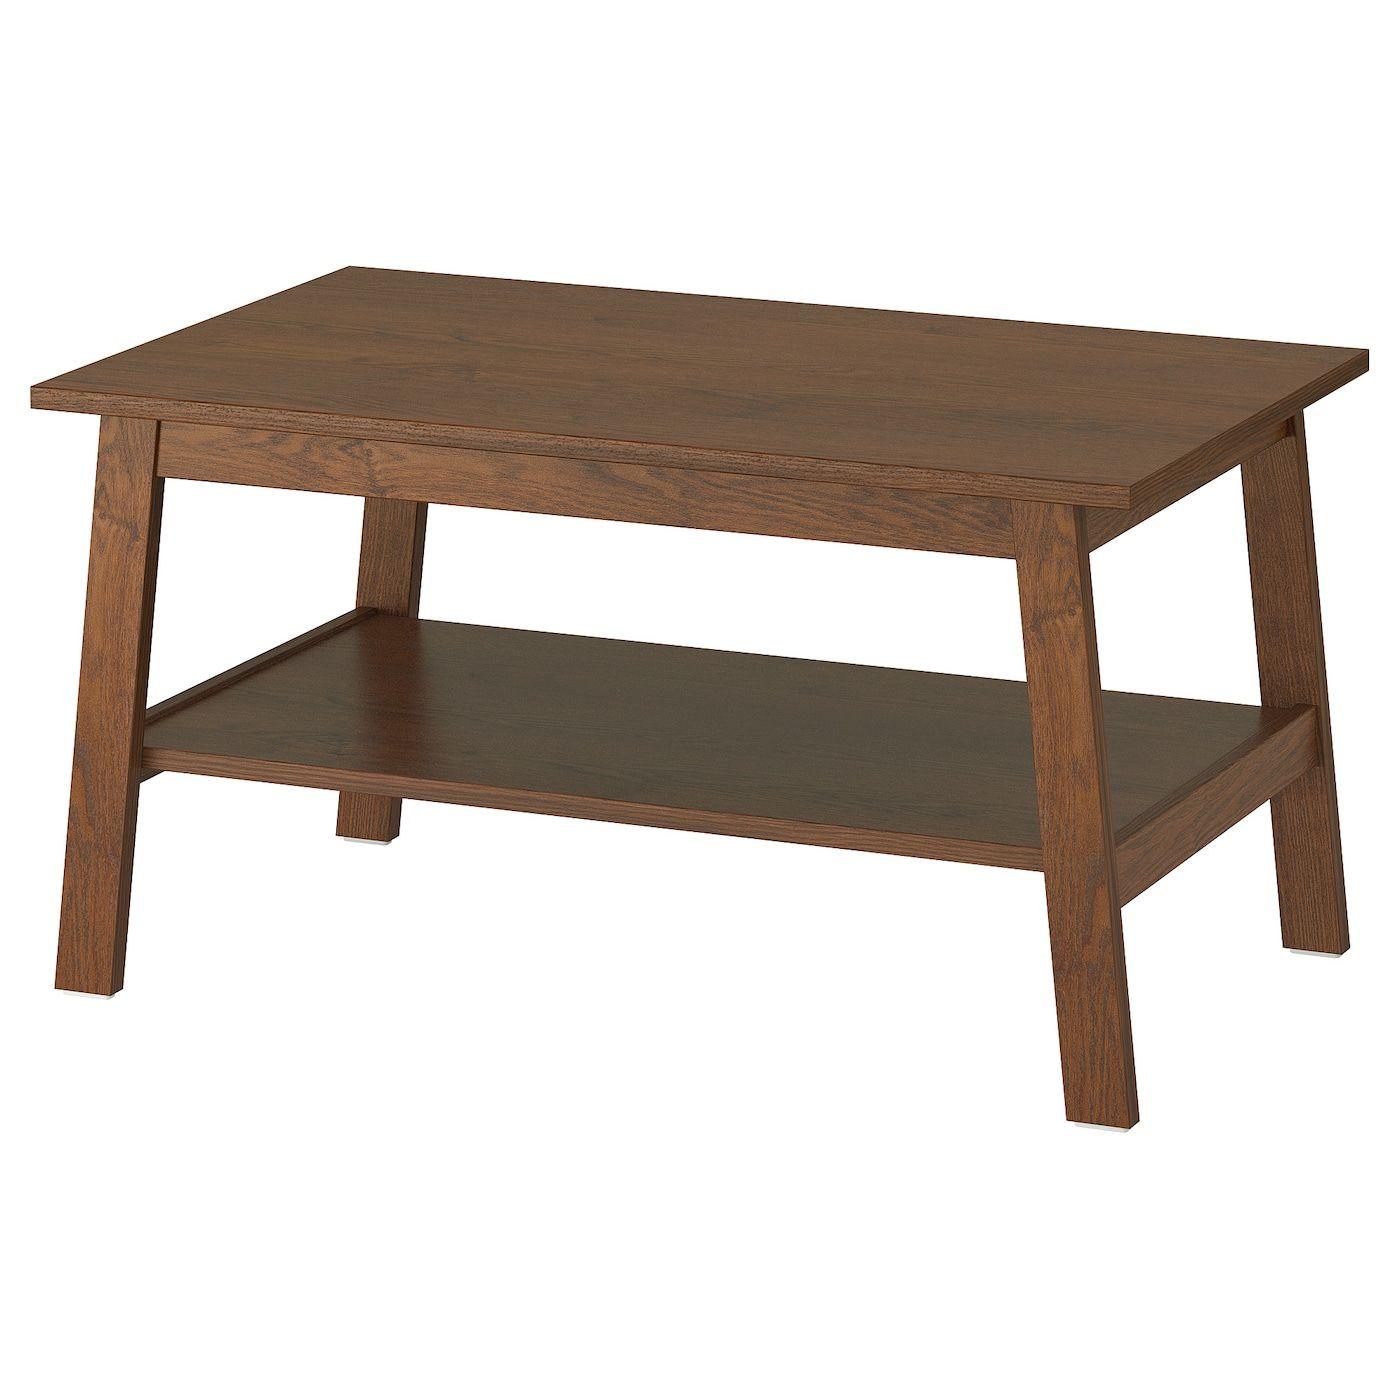 Lunnarp Măsuţă Cafea Maro 90x55 Cm Ikea In 2021 Coffee Table Ikea Coffee Table White [ 1400 x 1400 Pixel ]